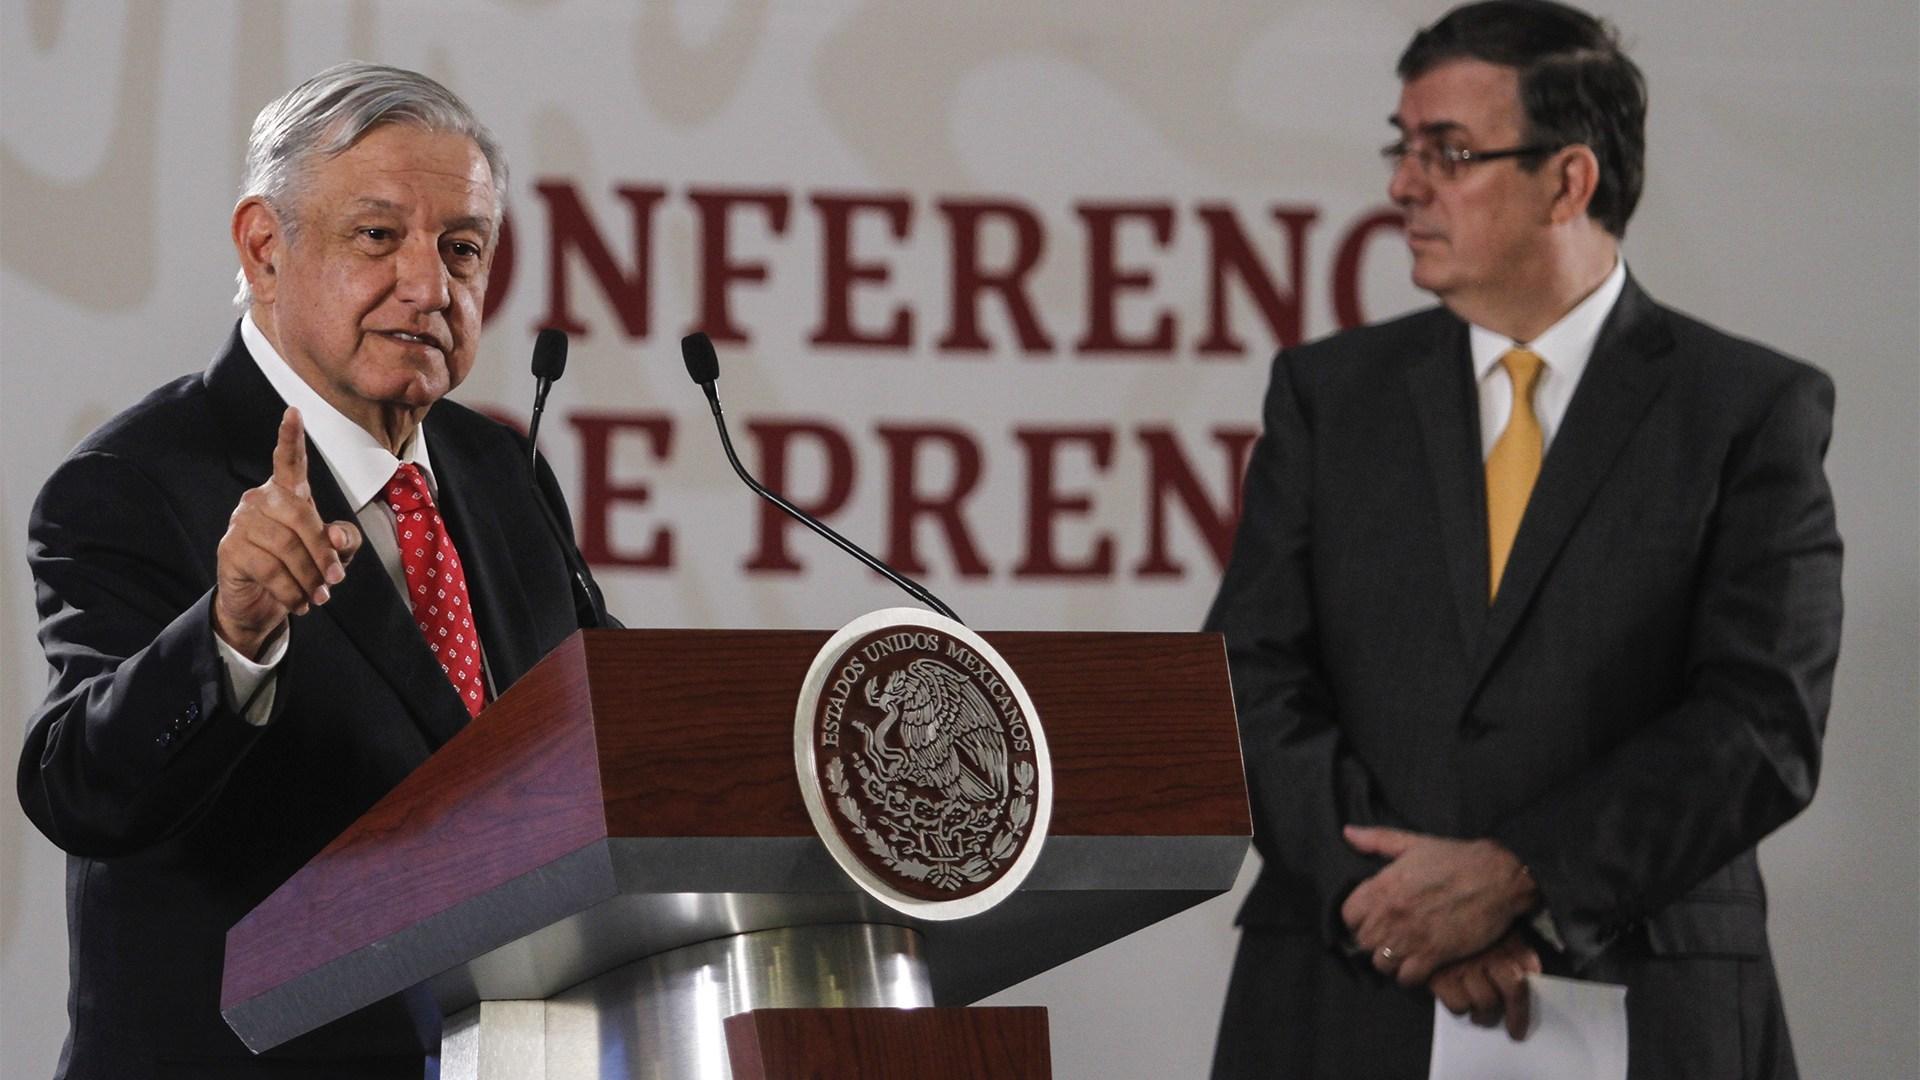 México disminuye flujo migratorio en 36.2 por ciento hacia la frontera norte, informa presidente López Obrador